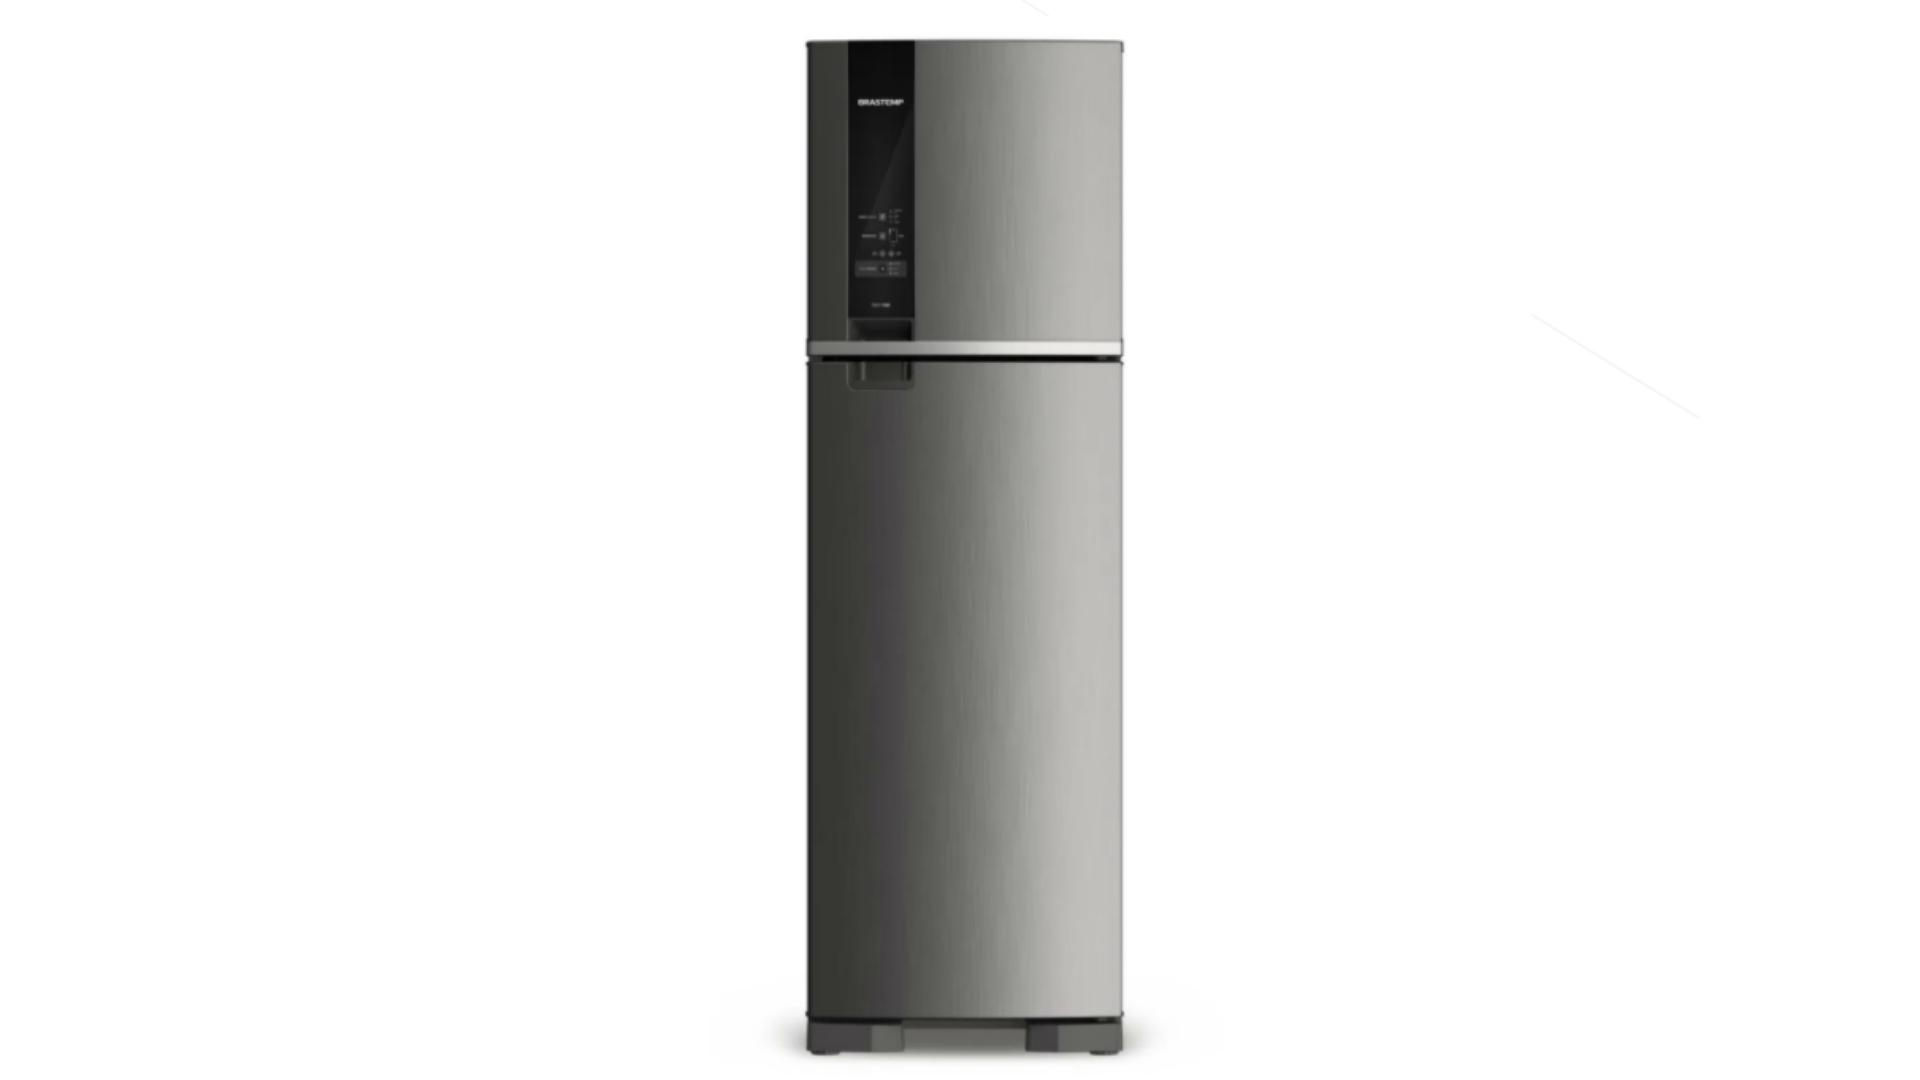 A BRM54HK é a versão em inox da geladeira Brastemp BRM54HB (Imagem: Divulgação/Brastemp)